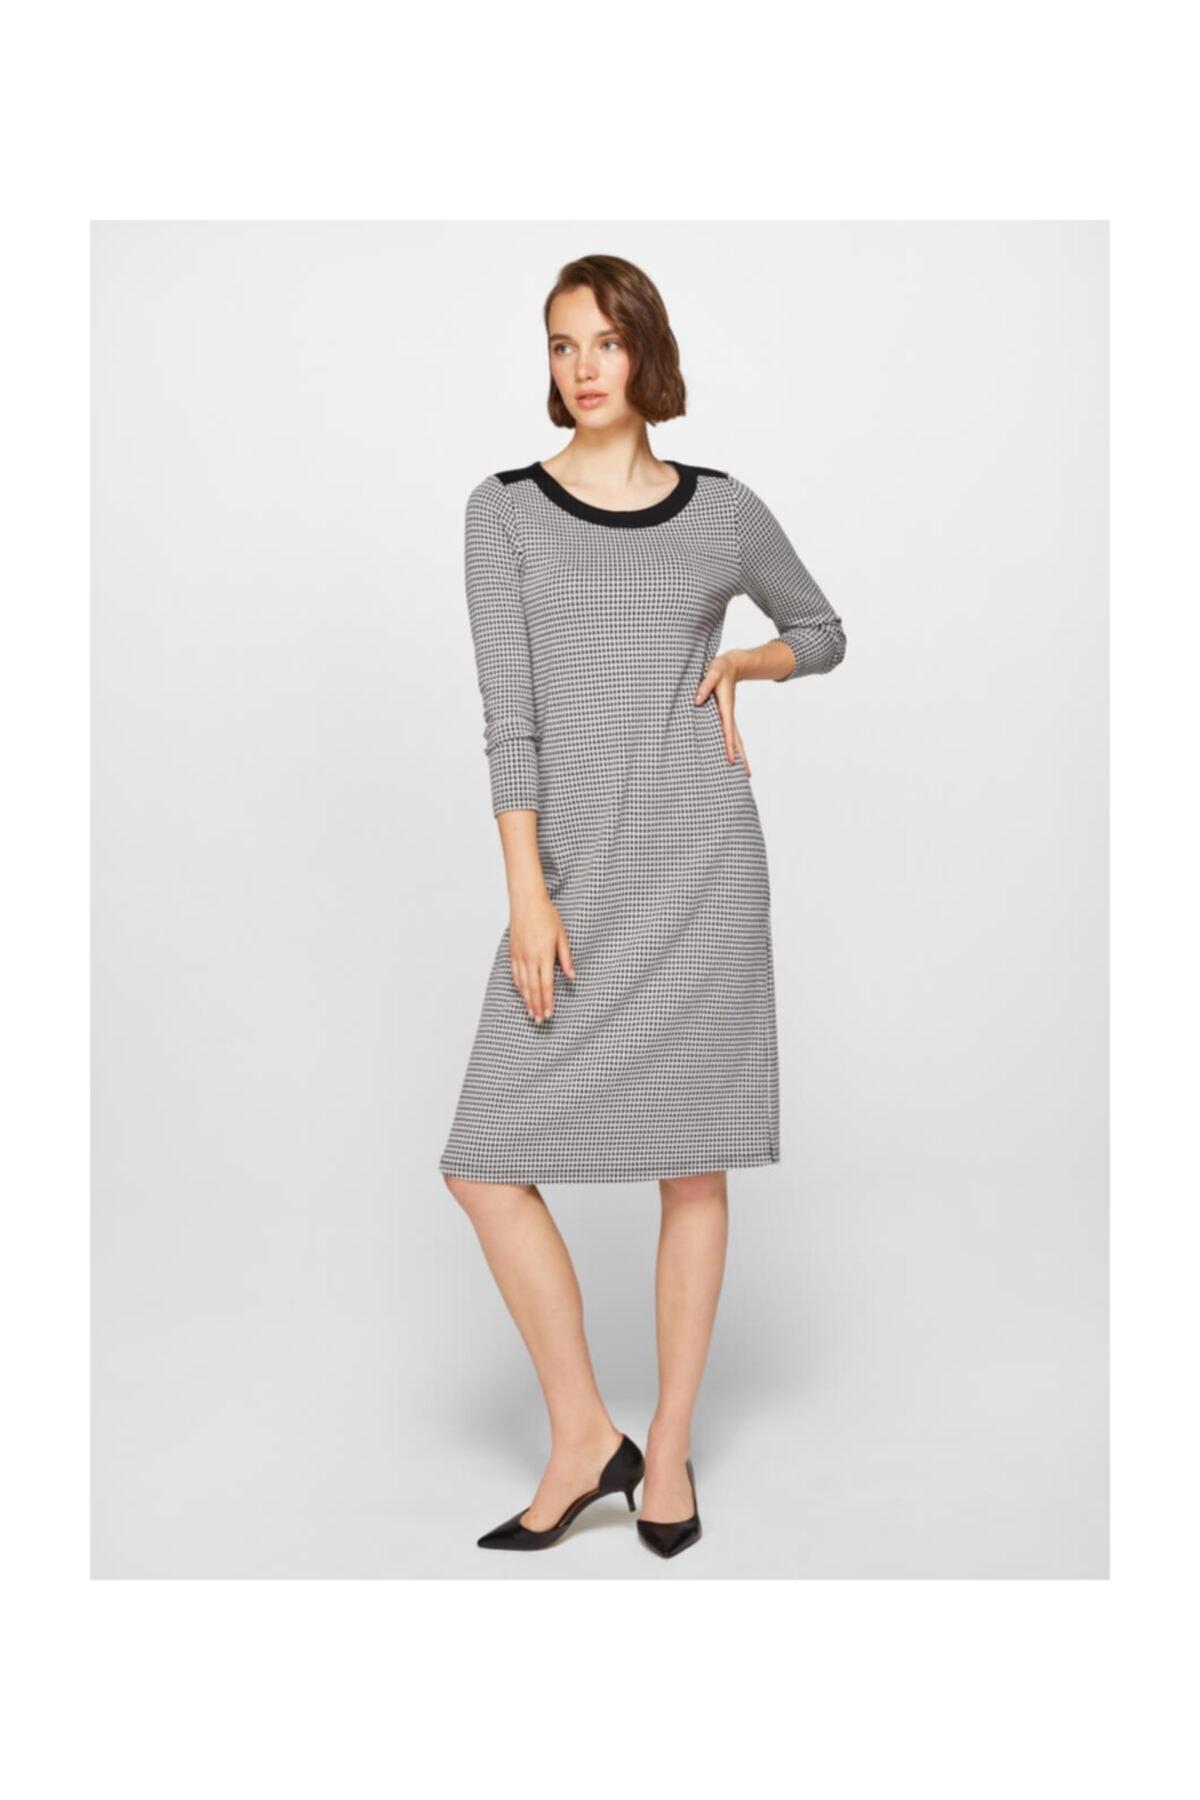 Faik Sönmez Kadın Siyah Kazayağı Desenli Elbise 39235 U39235 1